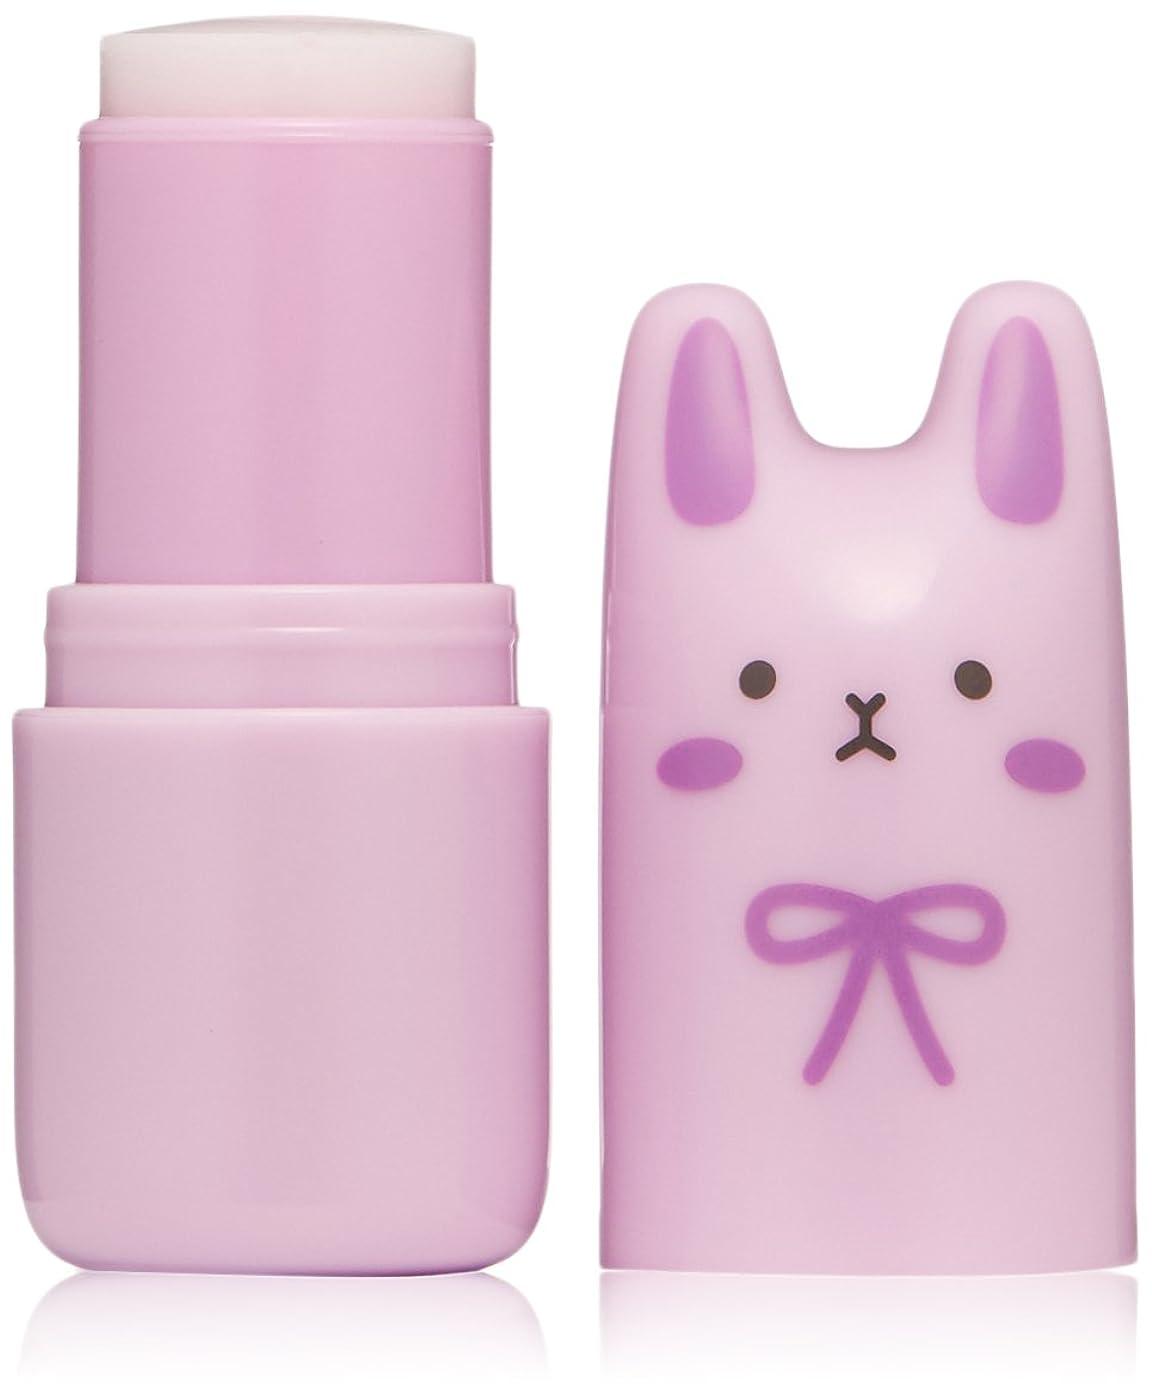 魔法に向かって子猫TONYMOLY Pocket Bunny Perfume Bar #03 Bloom Bunny/トニーモリー ポケット バニー パフュームバー #03 ブルームバニー